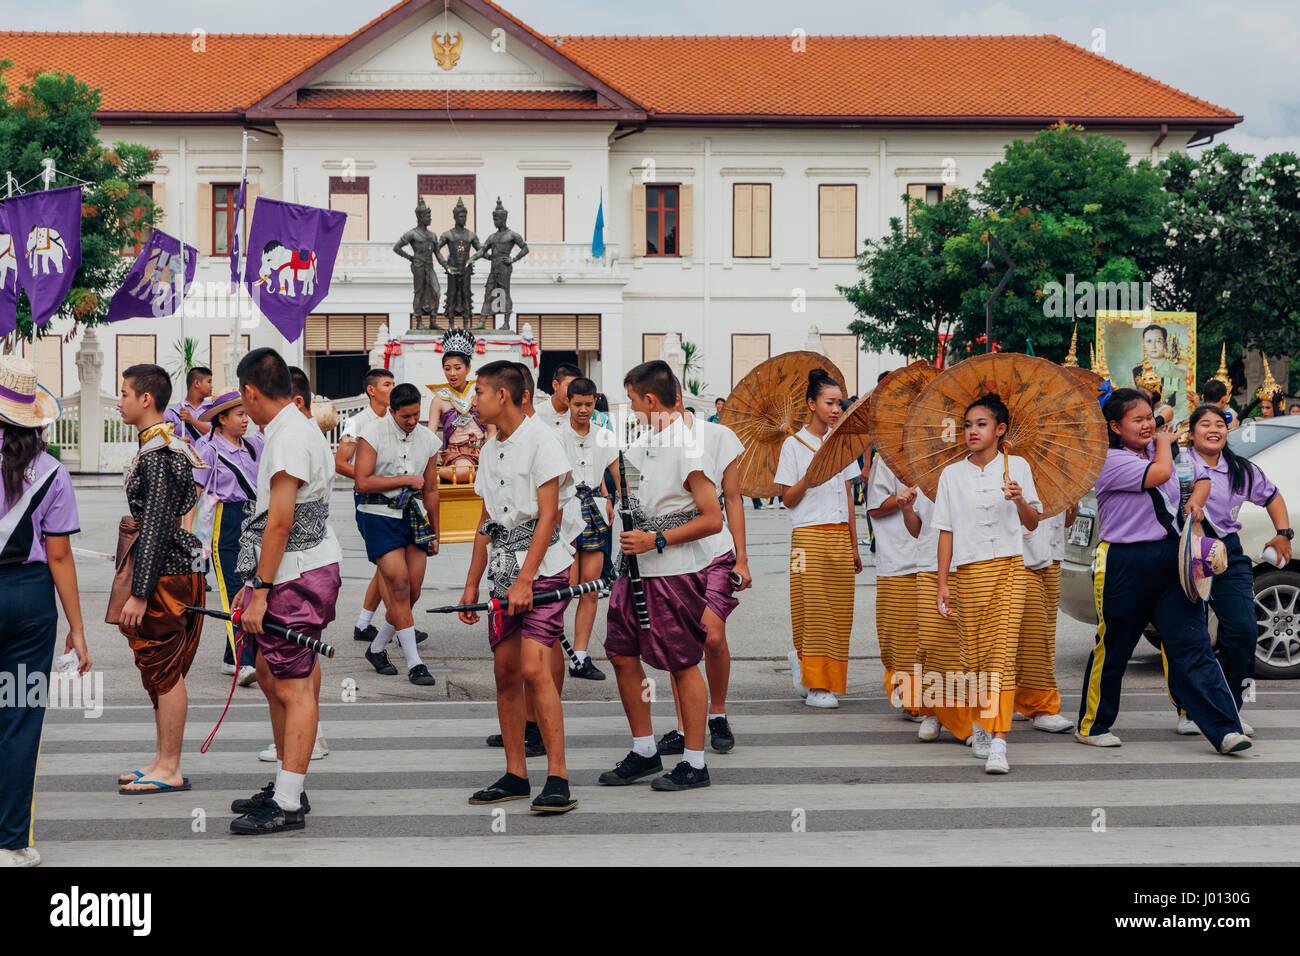 Chiang Mai, Tailandia - Agosto 24, 2016: los muchachos y muchachas en festival desfile de disfraces, cerca del Monumento Imagen De Stock